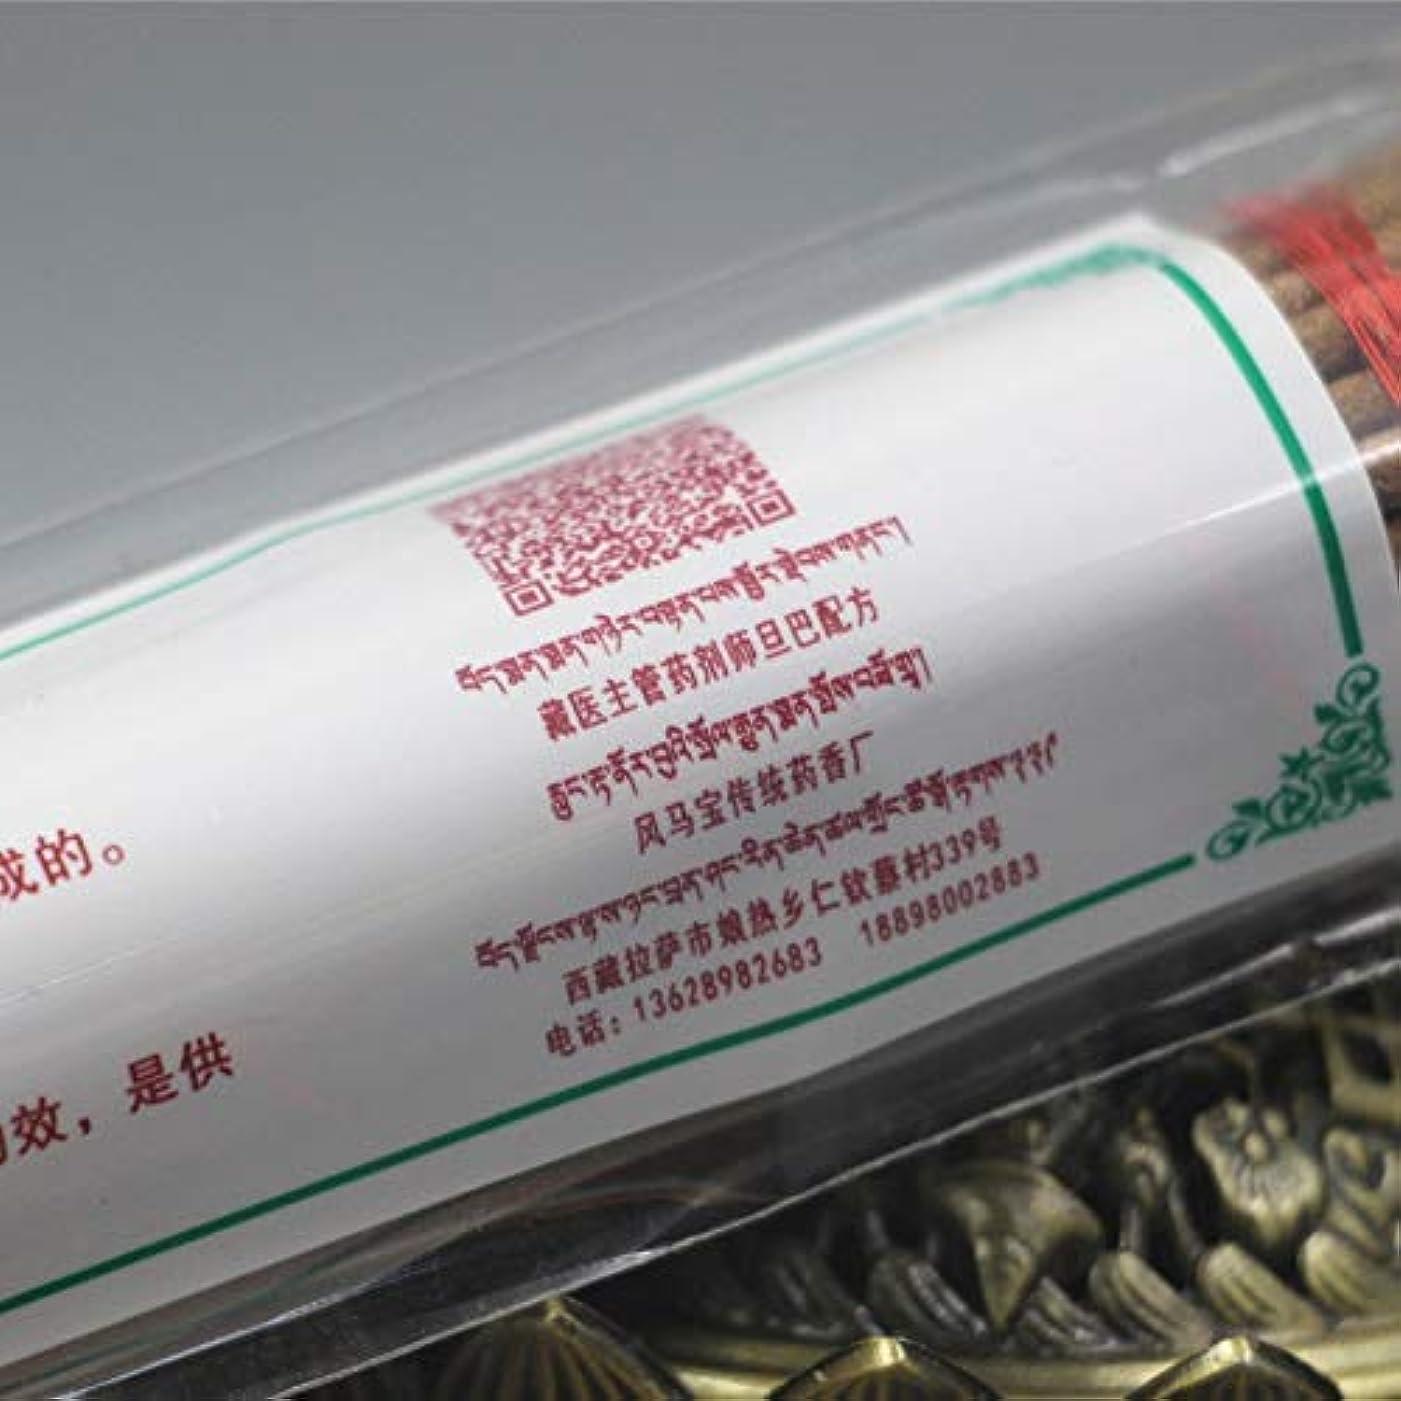 多年生臨検見る人Diatems - 沈香の宝物チベットのお香チベット手作りの純粋な植物自然医学の香りの家の38人のフレーバーがスリープアロマ香の助けを落ち着かせます